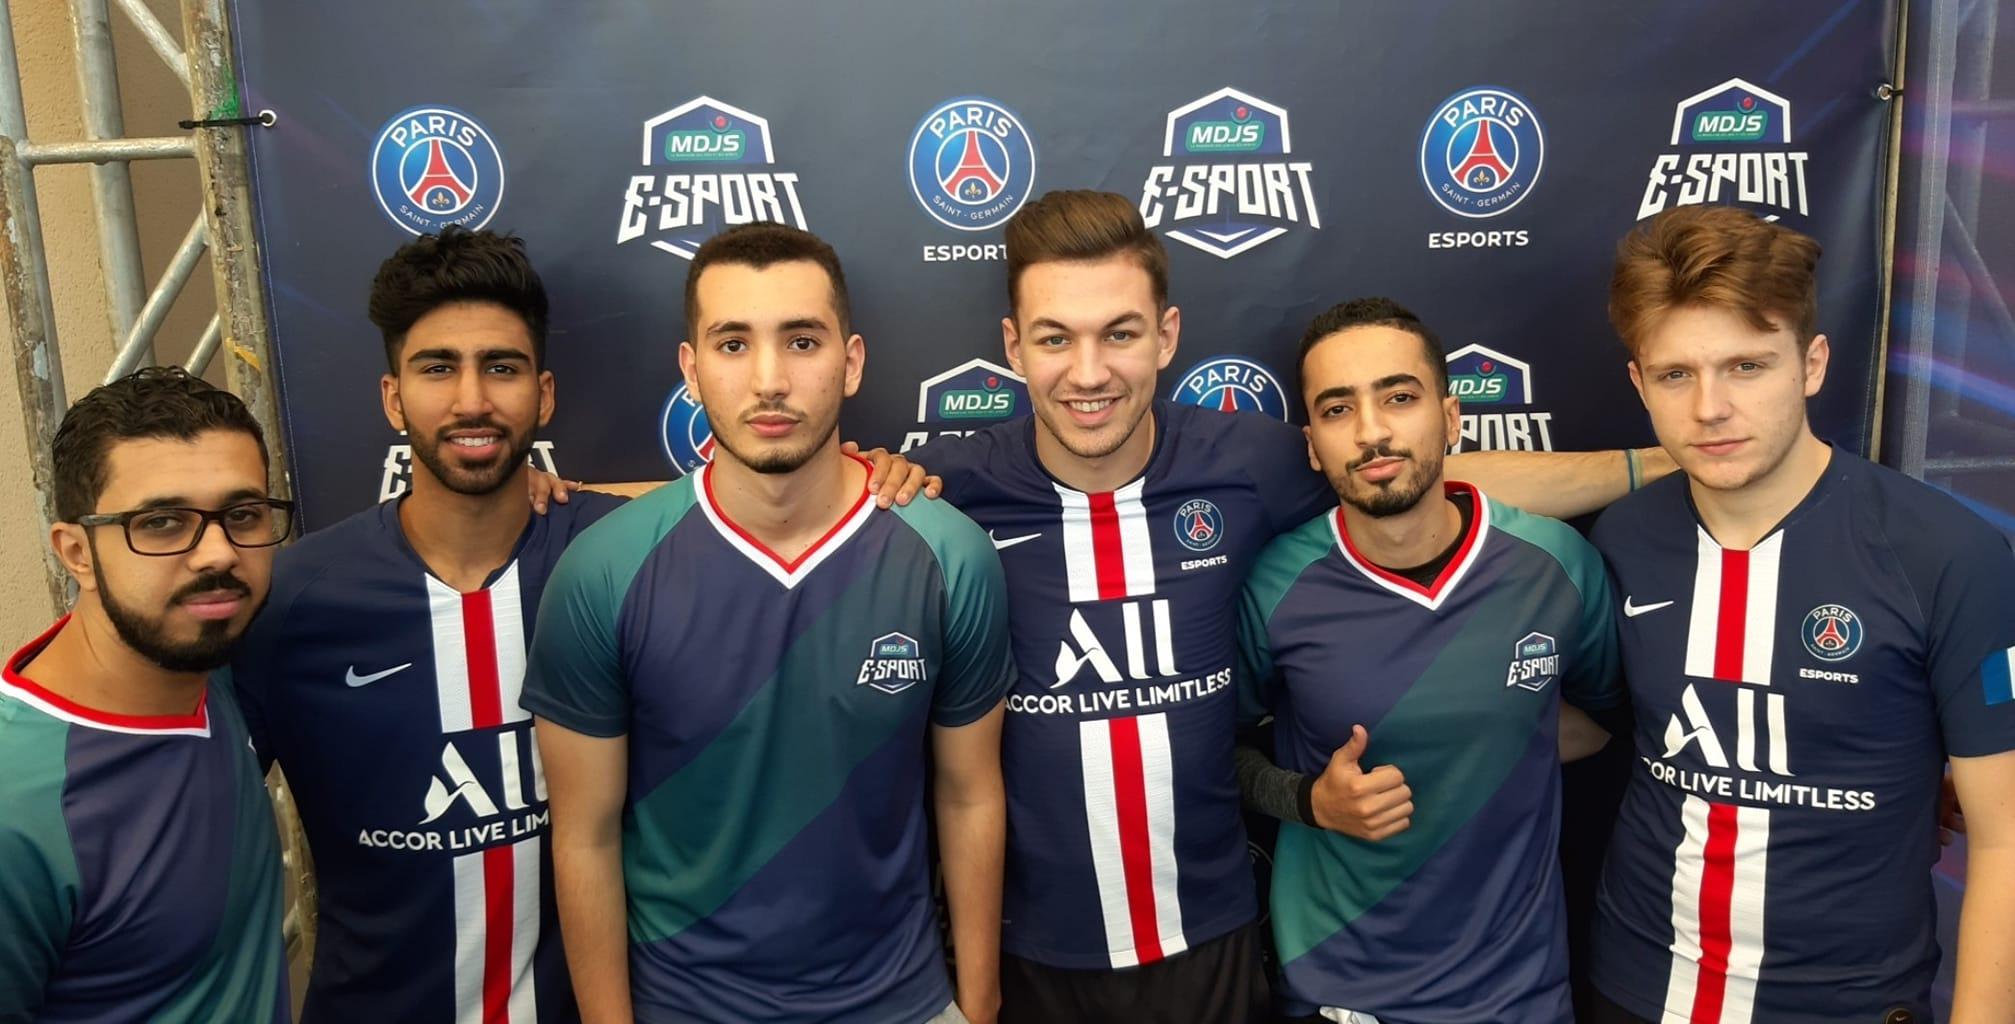 قمة متعادلة بين الفريقين الإلكترونيين (E-Sport) للمغربية للألعاب والرياضة وباريس سان جيرمان